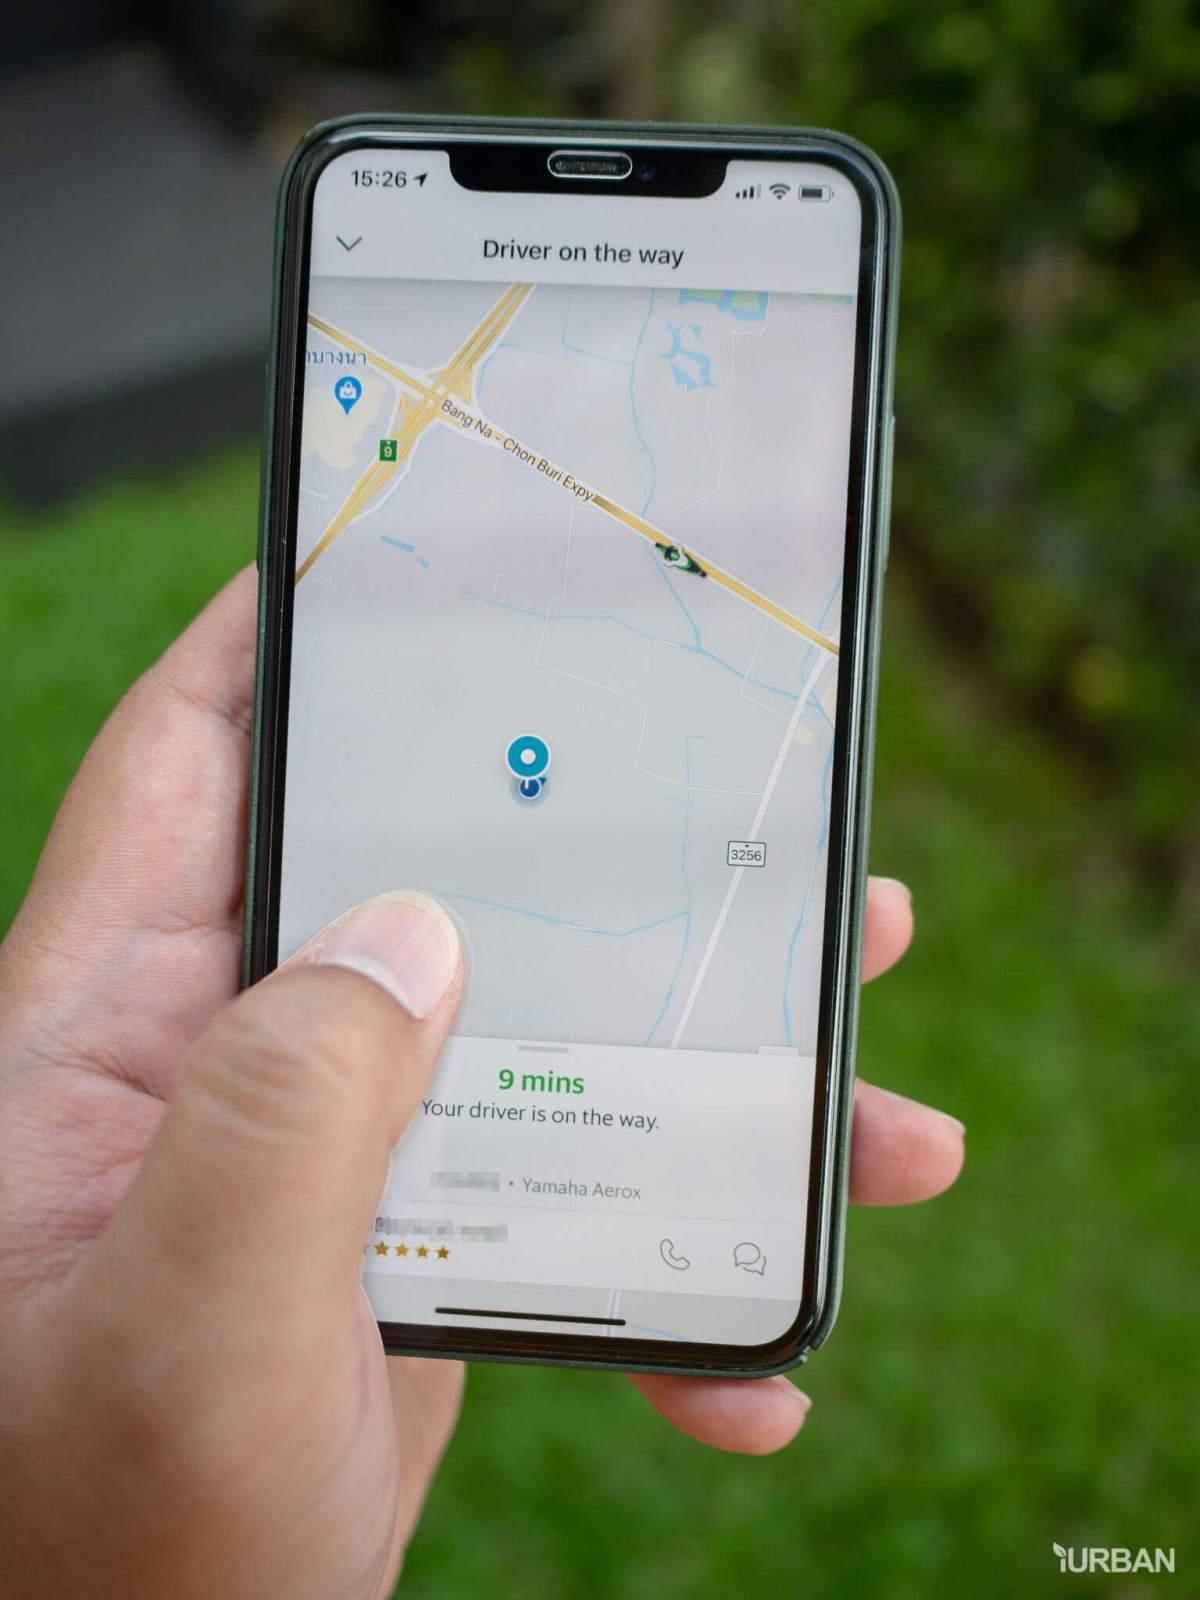 ระบบ Real-time Tracking สิ่งที่ยอดเยี่ยมของ GrabExpress ตามได้ตั้งแต่เริ่มรับงานเลย